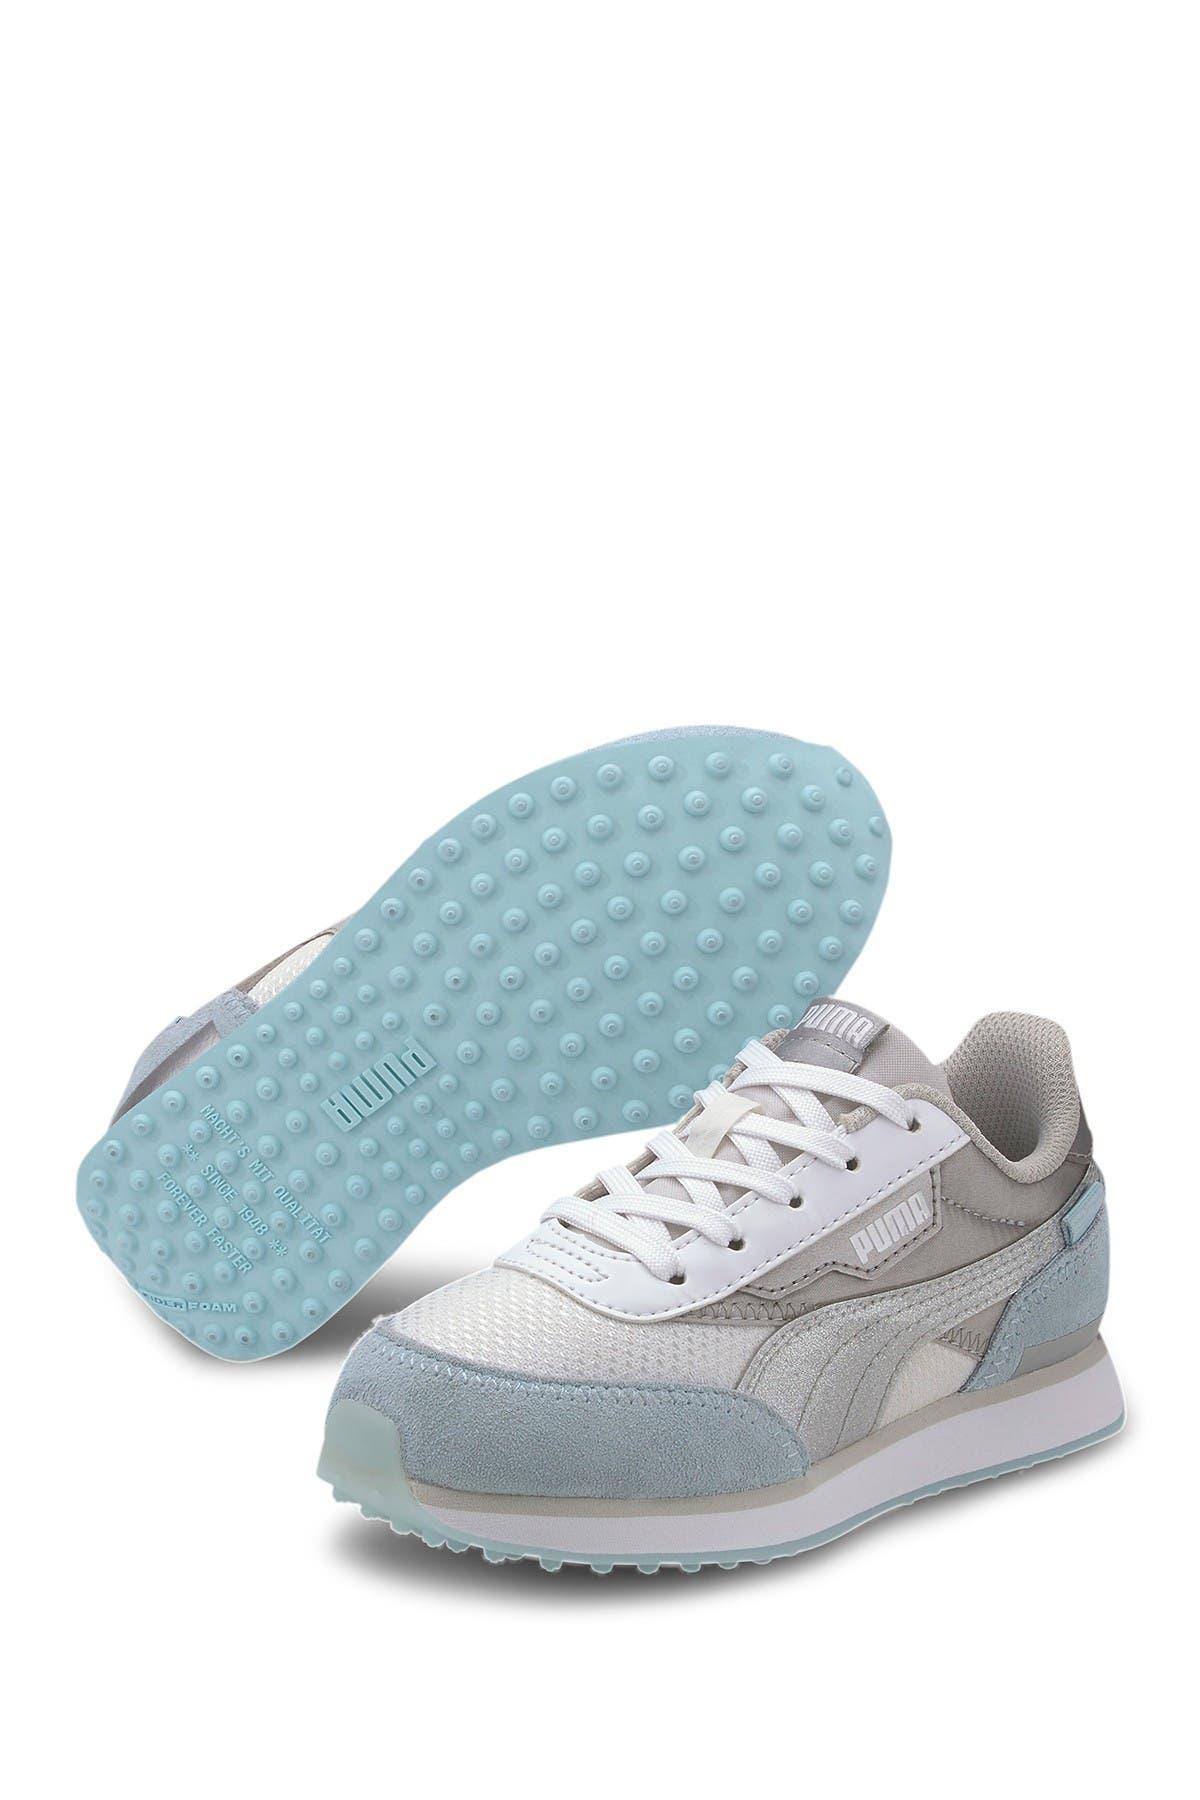 Image of PUMA Future Rider Sneaker